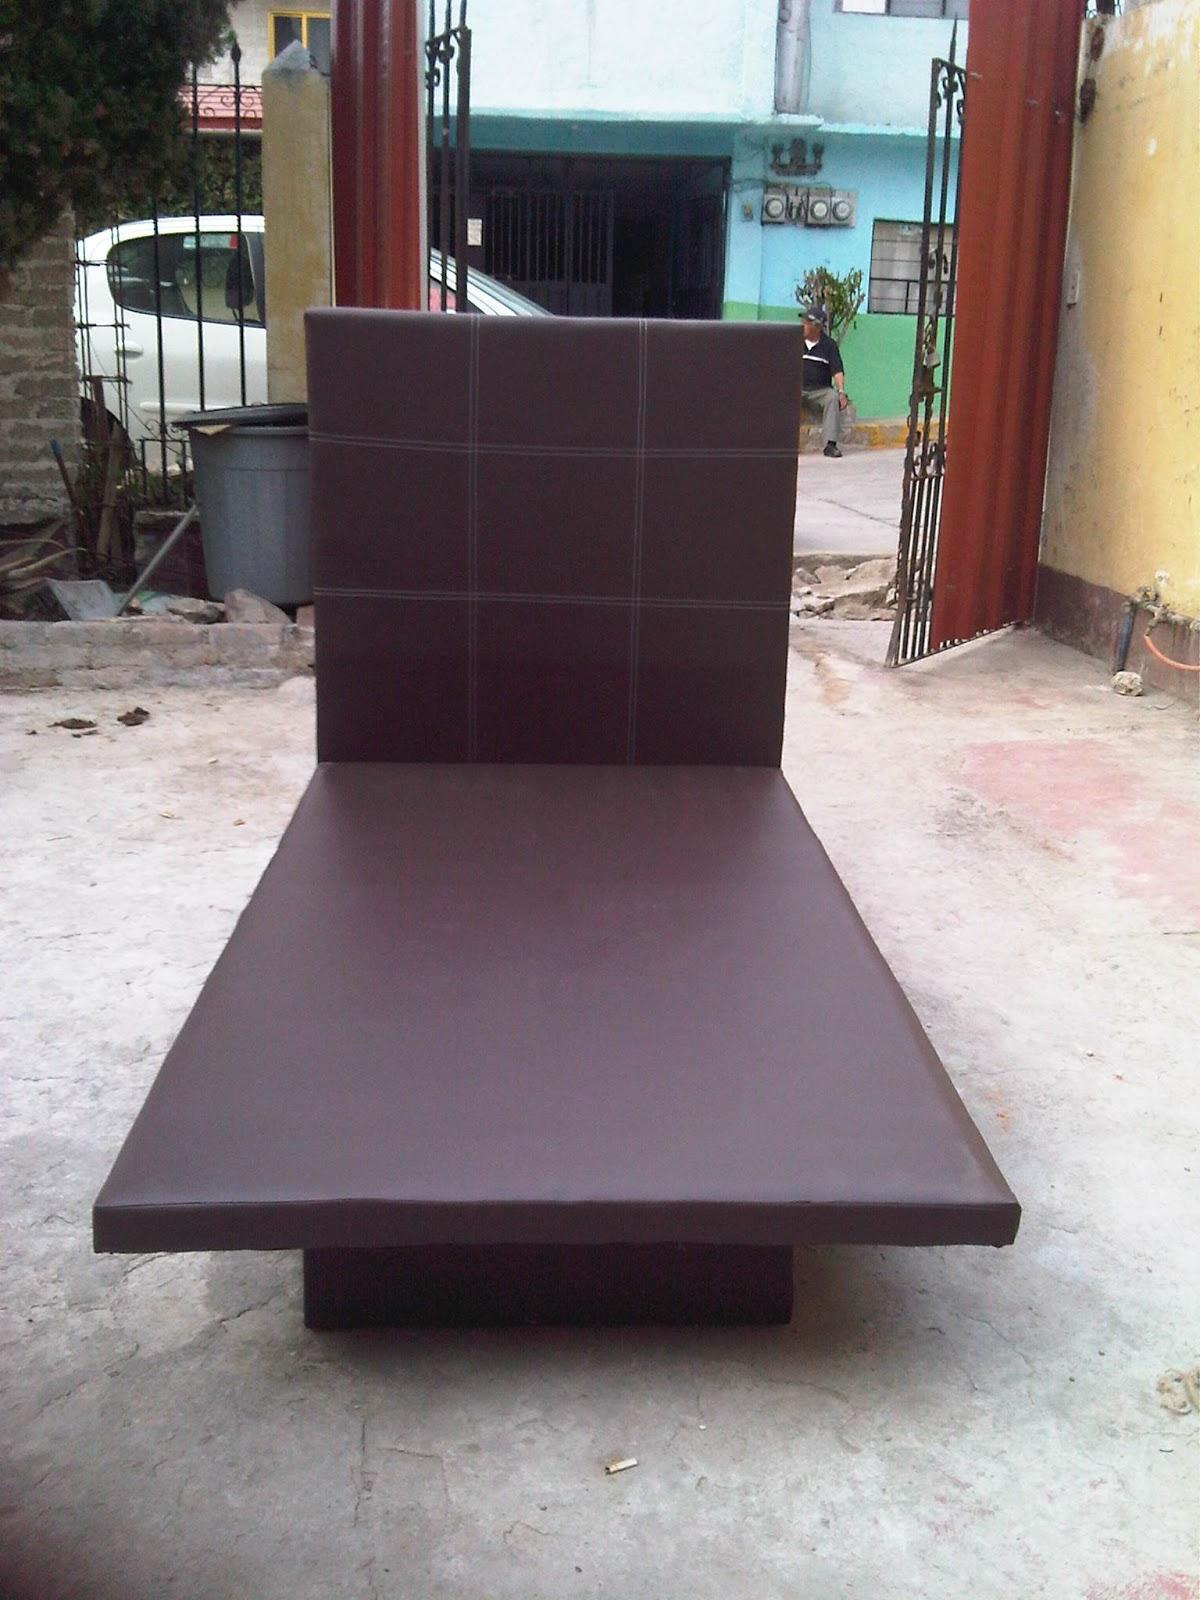 Recamaras muebles novostilo for Recamaras individuales modernas